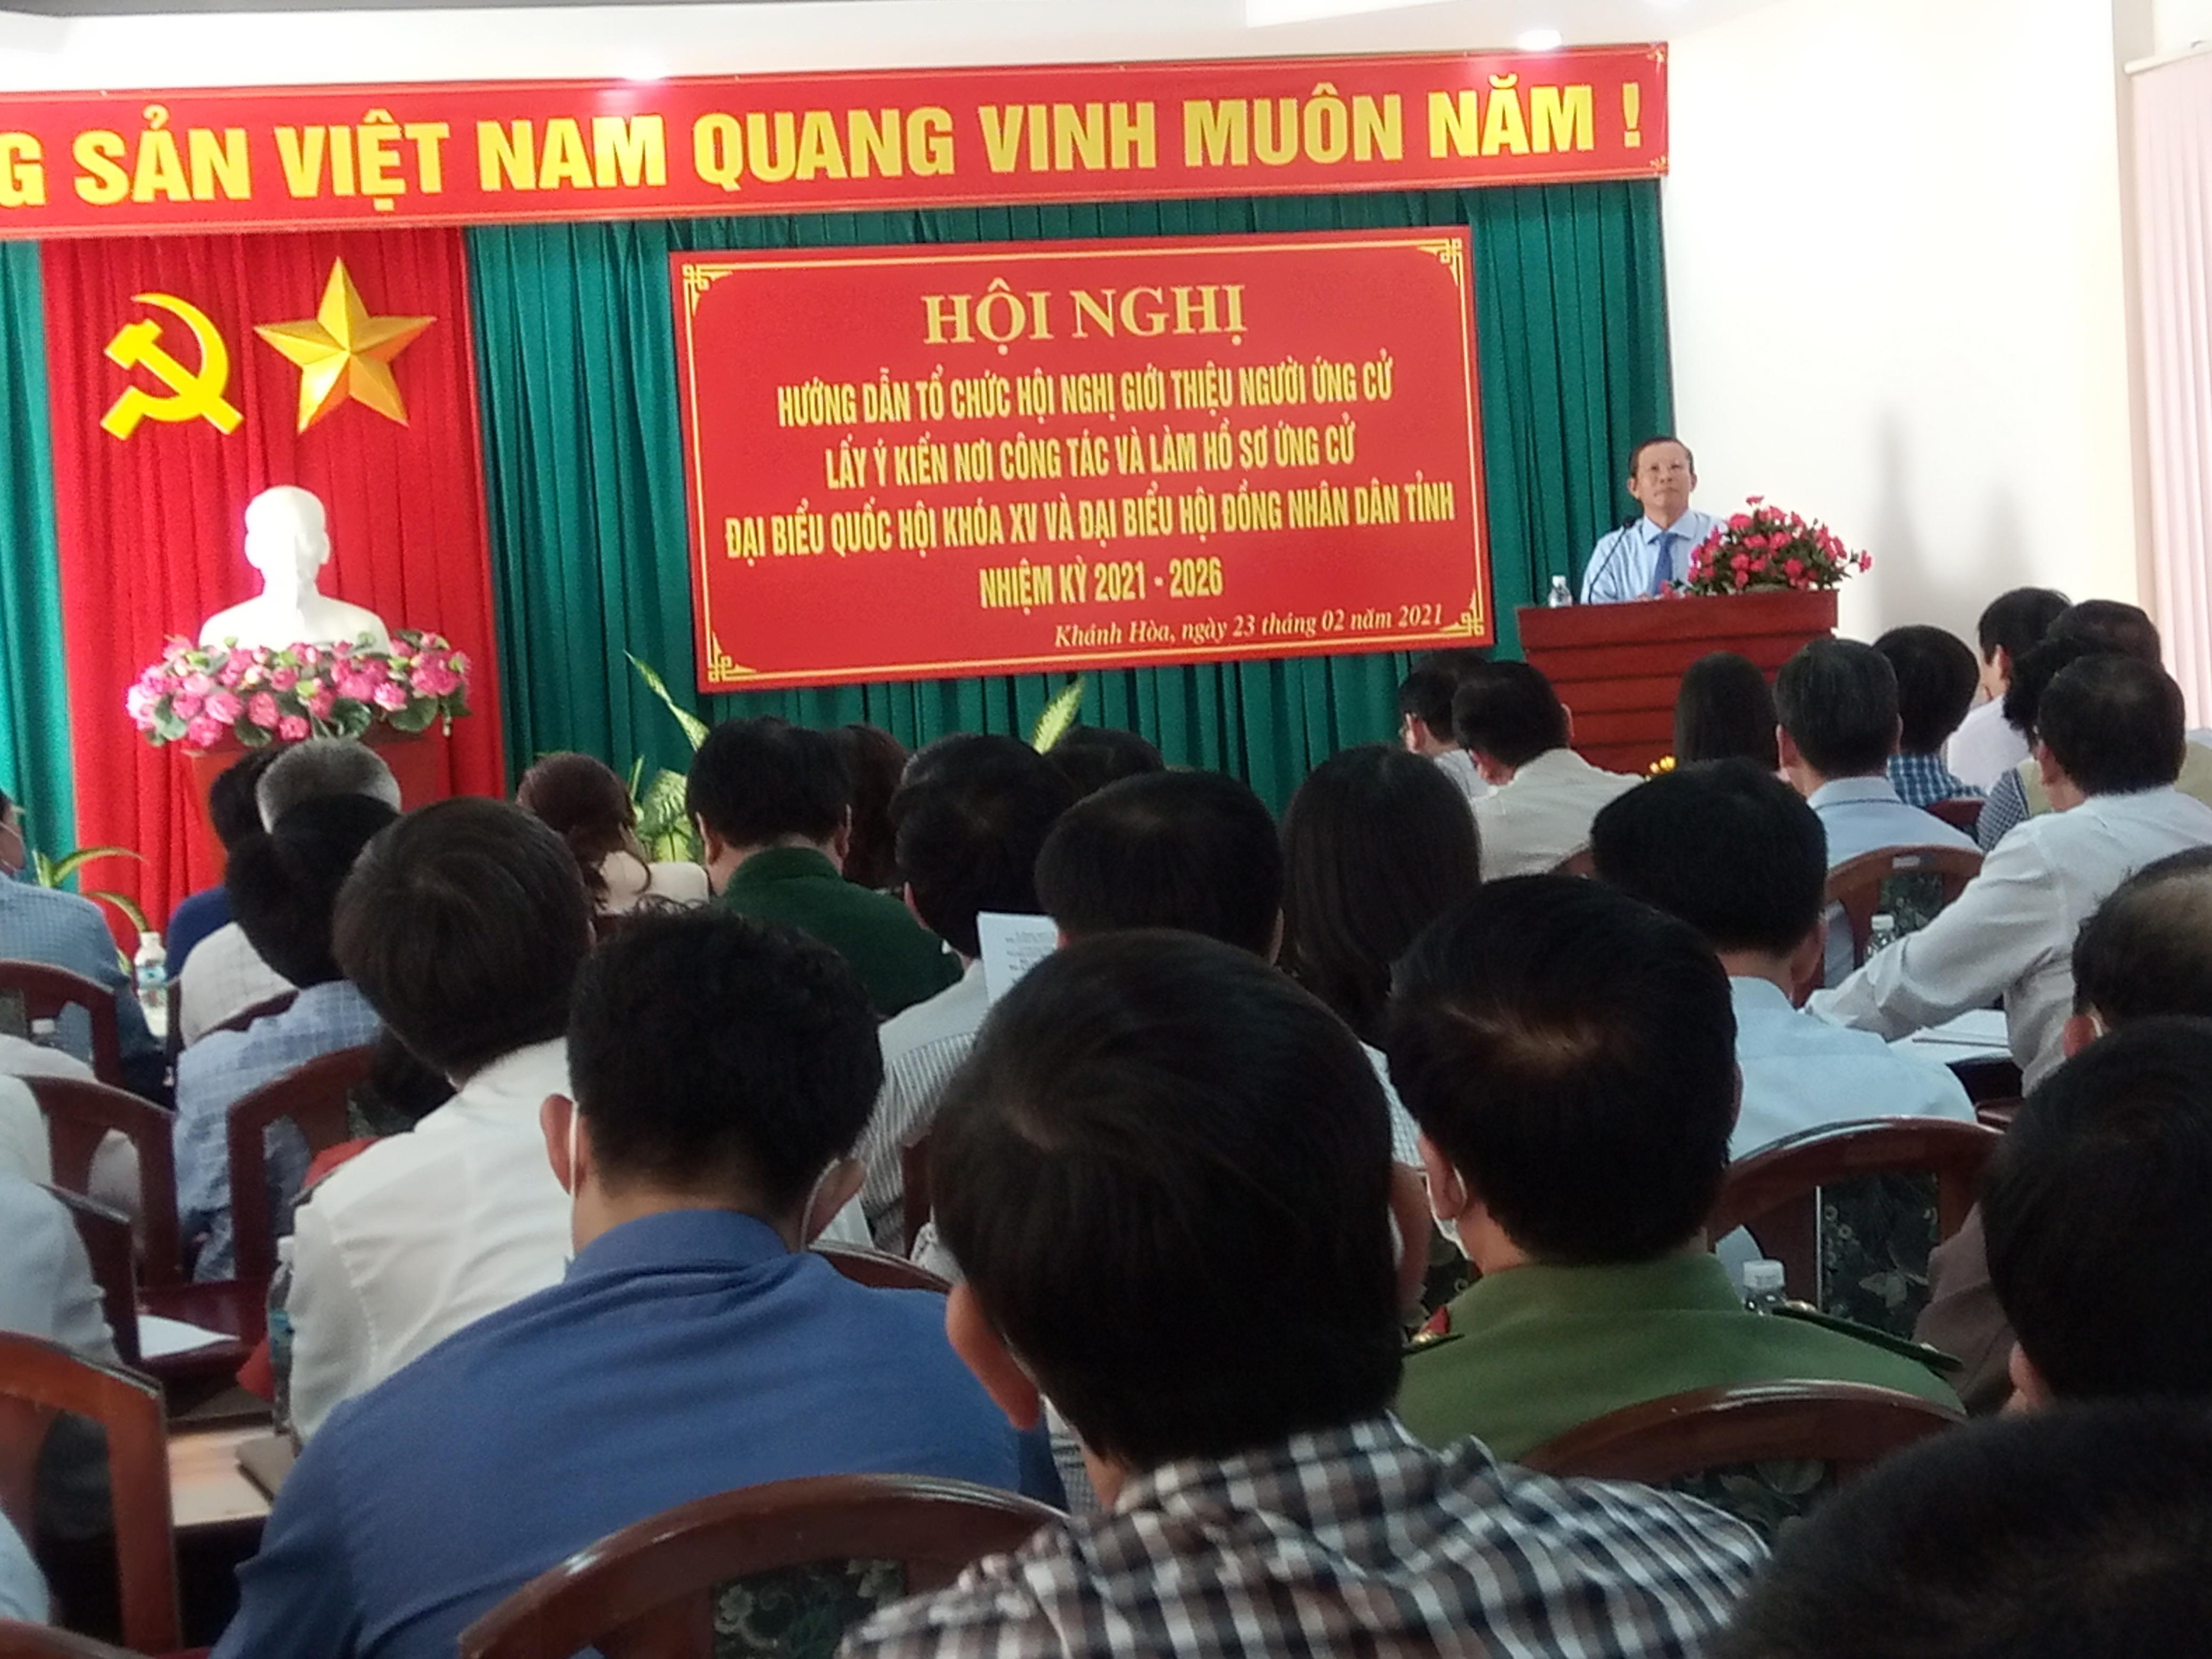 các đại biểu tham dự buổi tập huấn, công tác kiểm tra, giám sát bầu cử đại biểu.